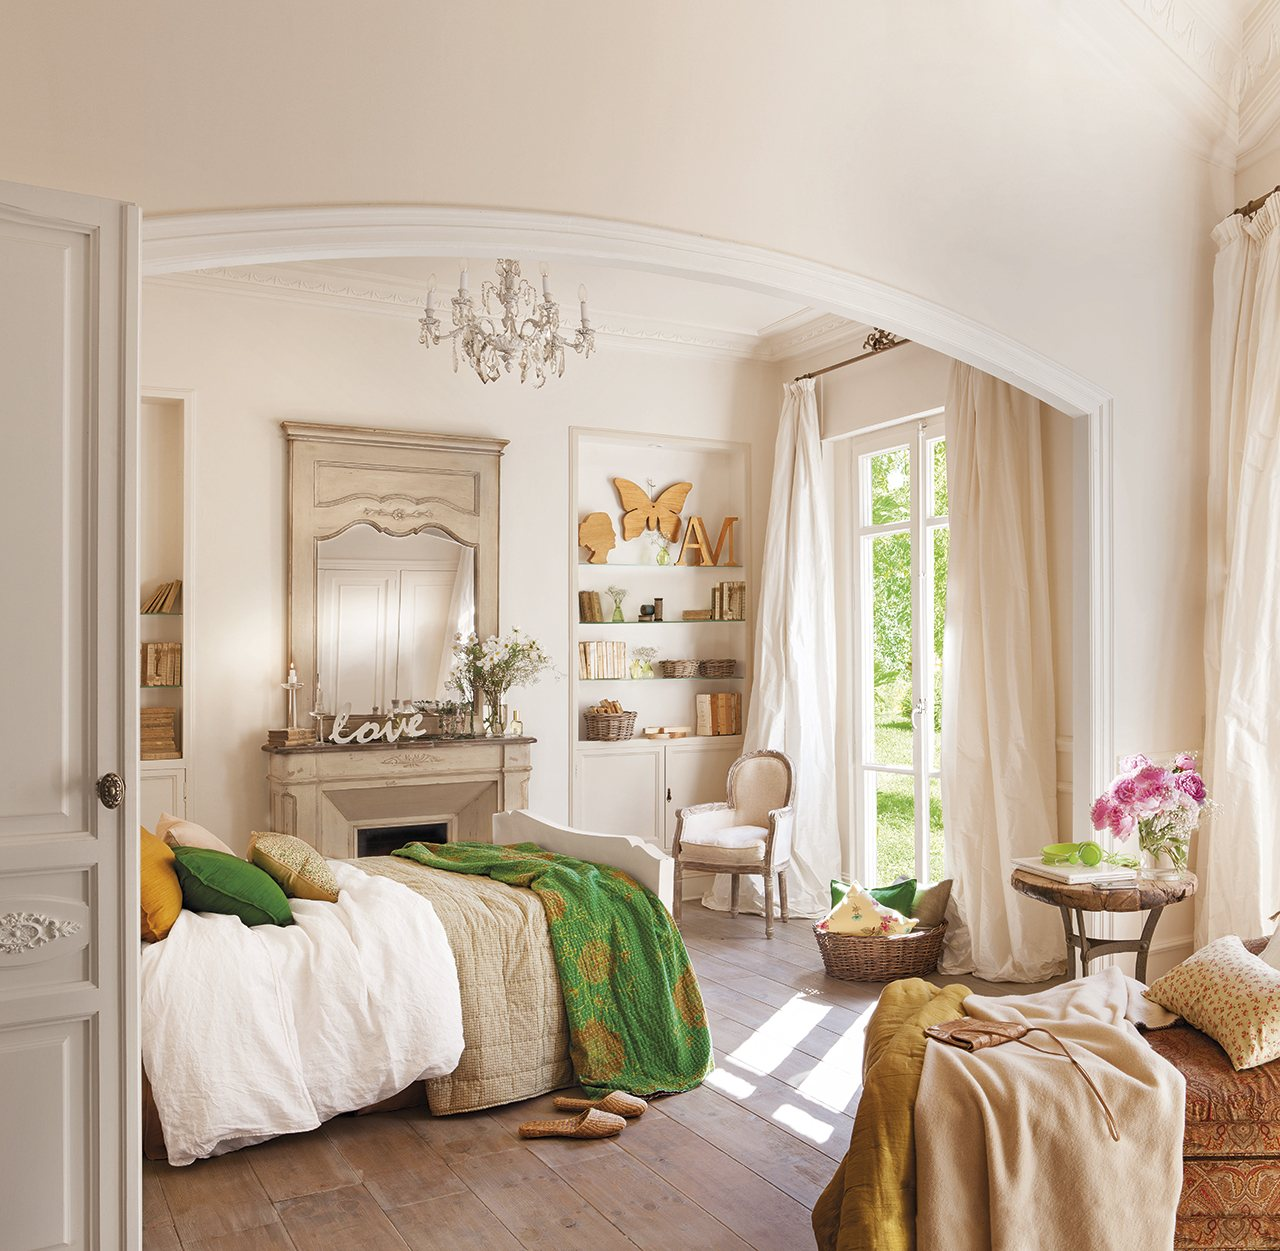 Los 10 dormitorios m s bonitos del a o for Lamparas cabezal cama